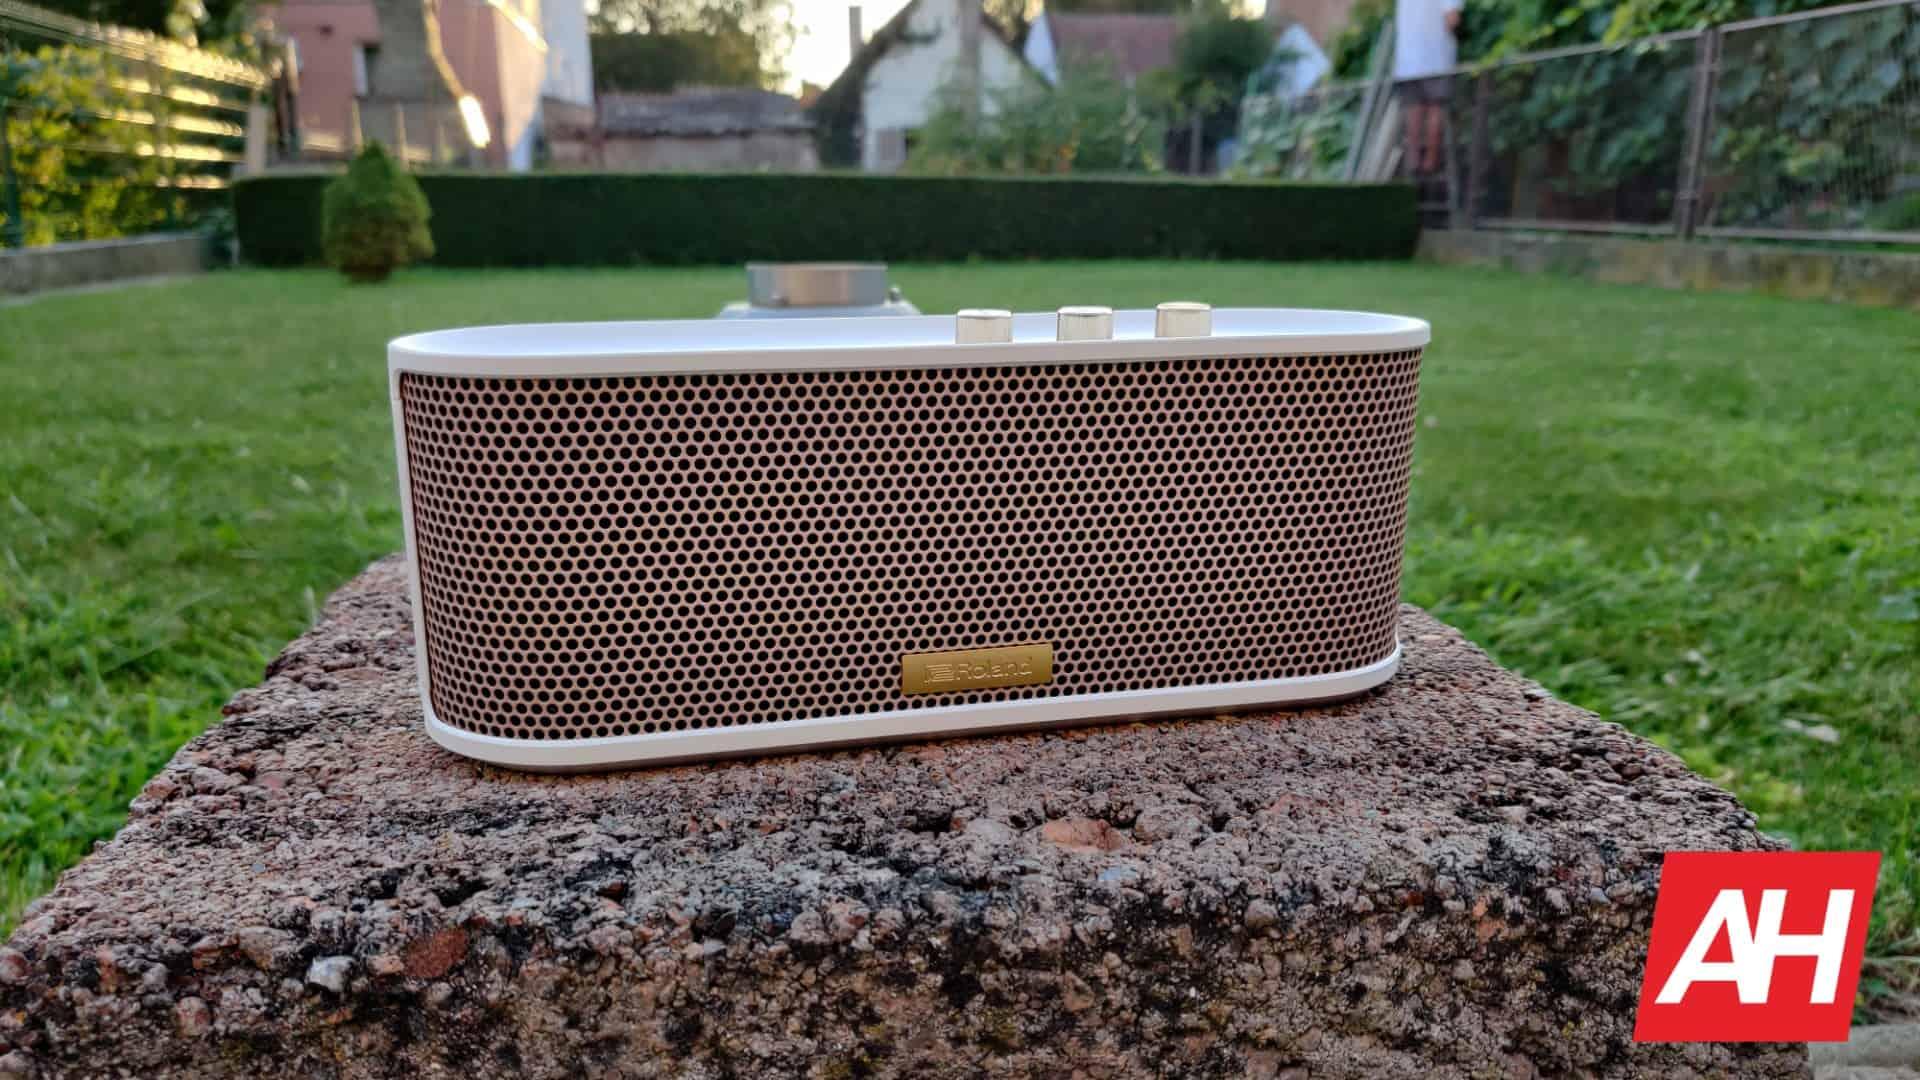 Roland BTM 1 Bluetooh speaker 21